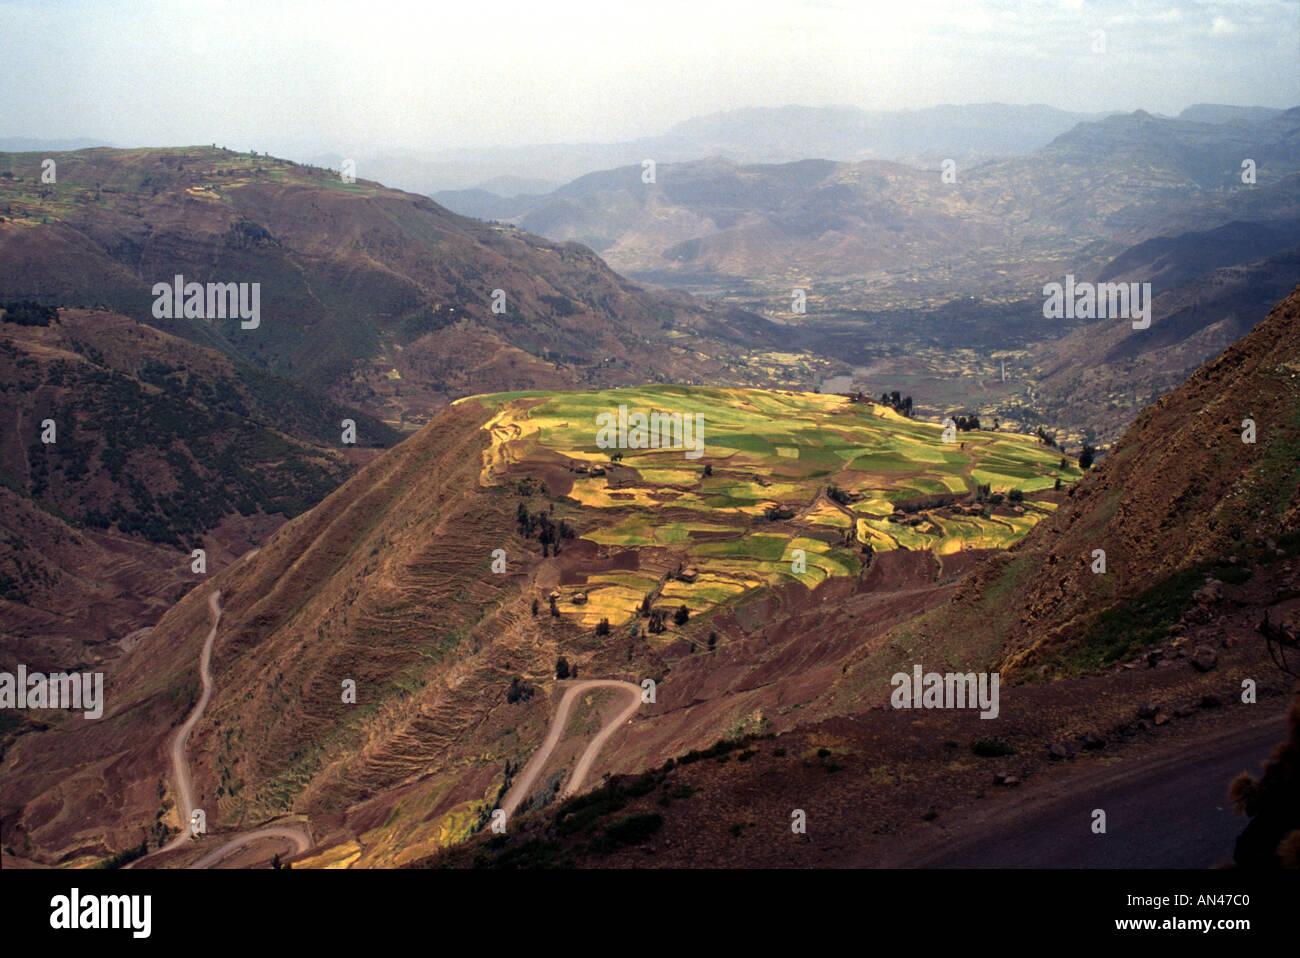 Near Weldiya Welo Province Ethiopia Africa - Stock Image